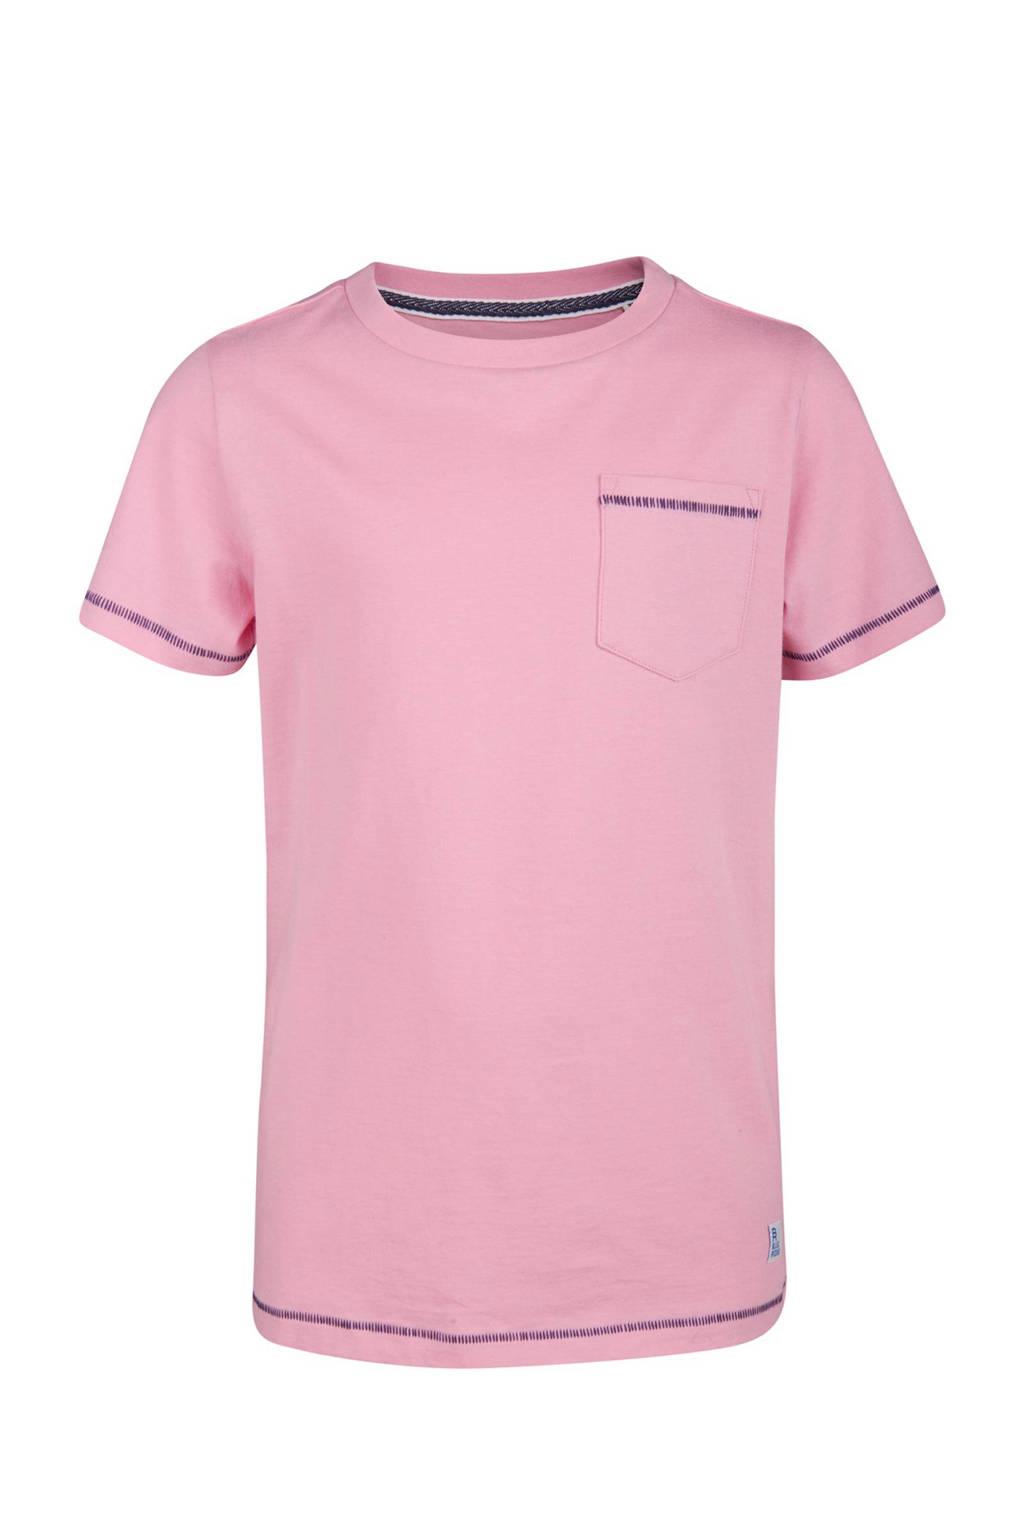 WE Fashion Blue Ridge T-shirt, Roze/blauw